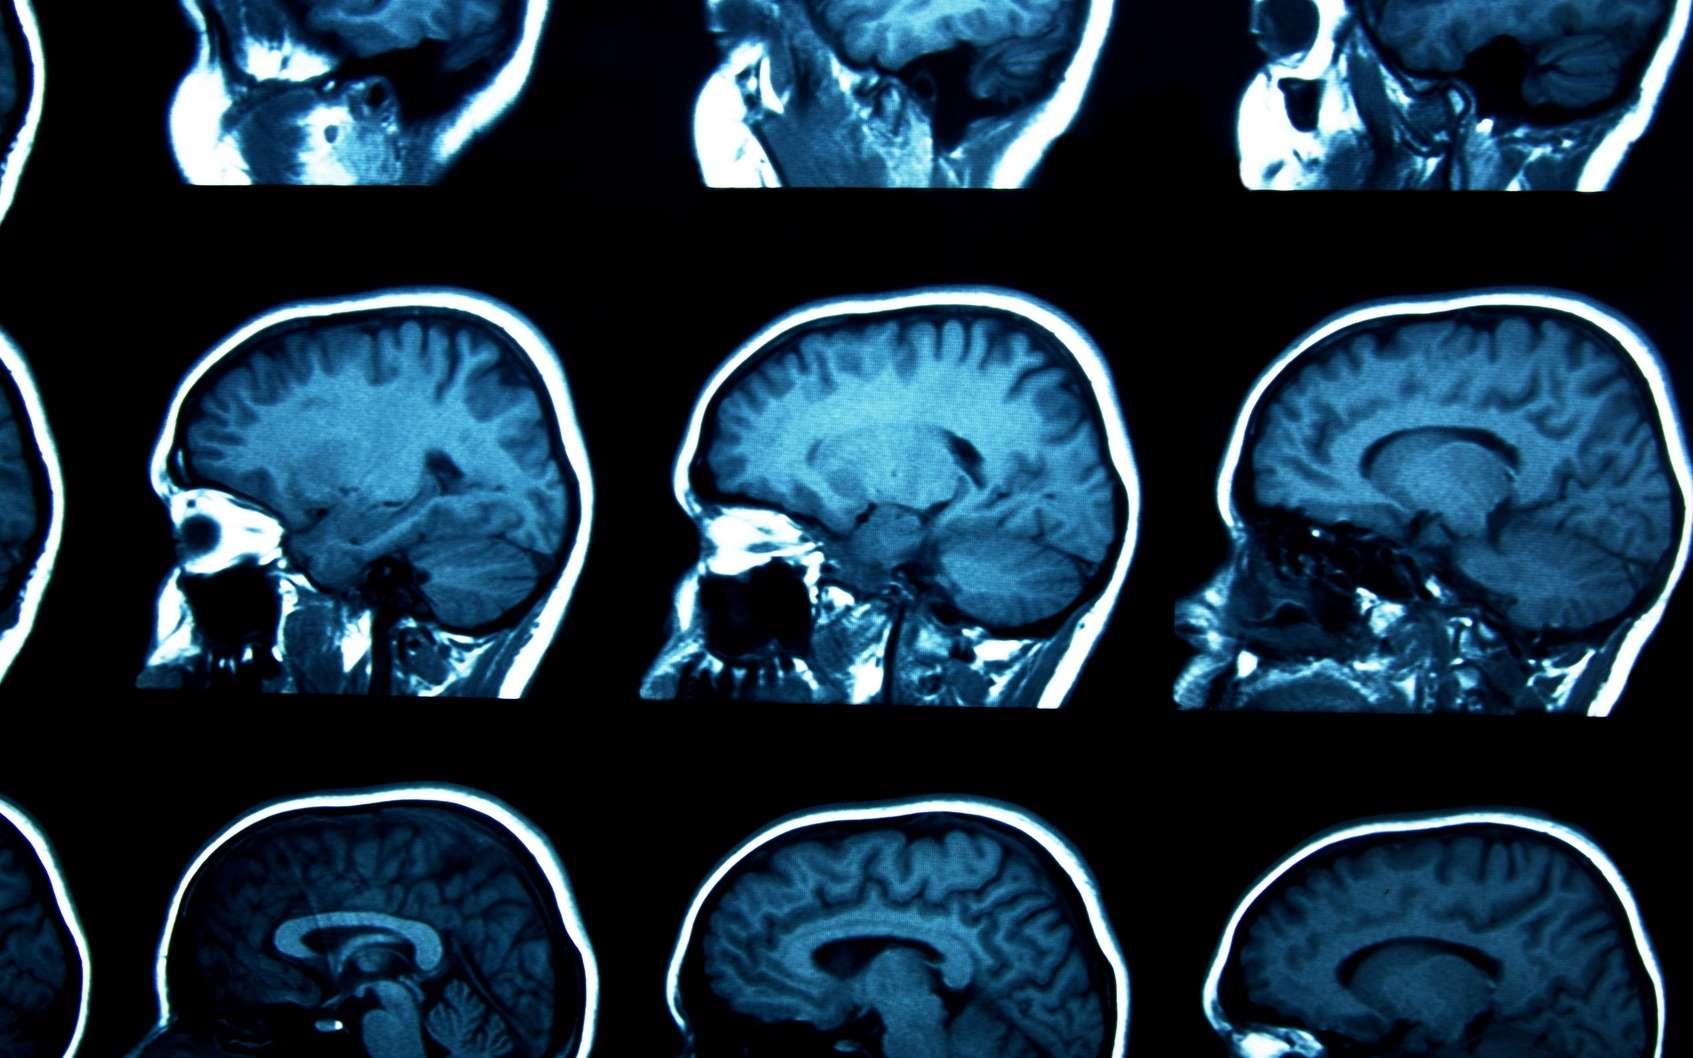 Le cancer du cerveau peut être détecté par IRM. © gmstockstudio, Fotolia